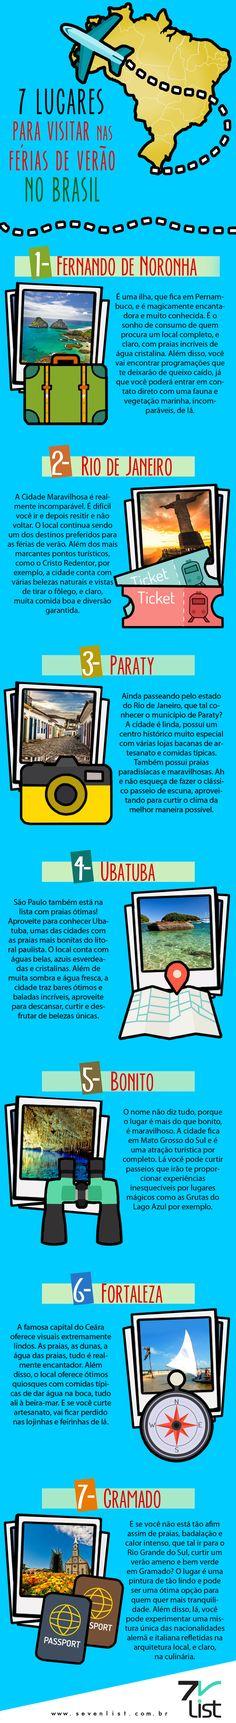 7 lugares para viajar no Brasil